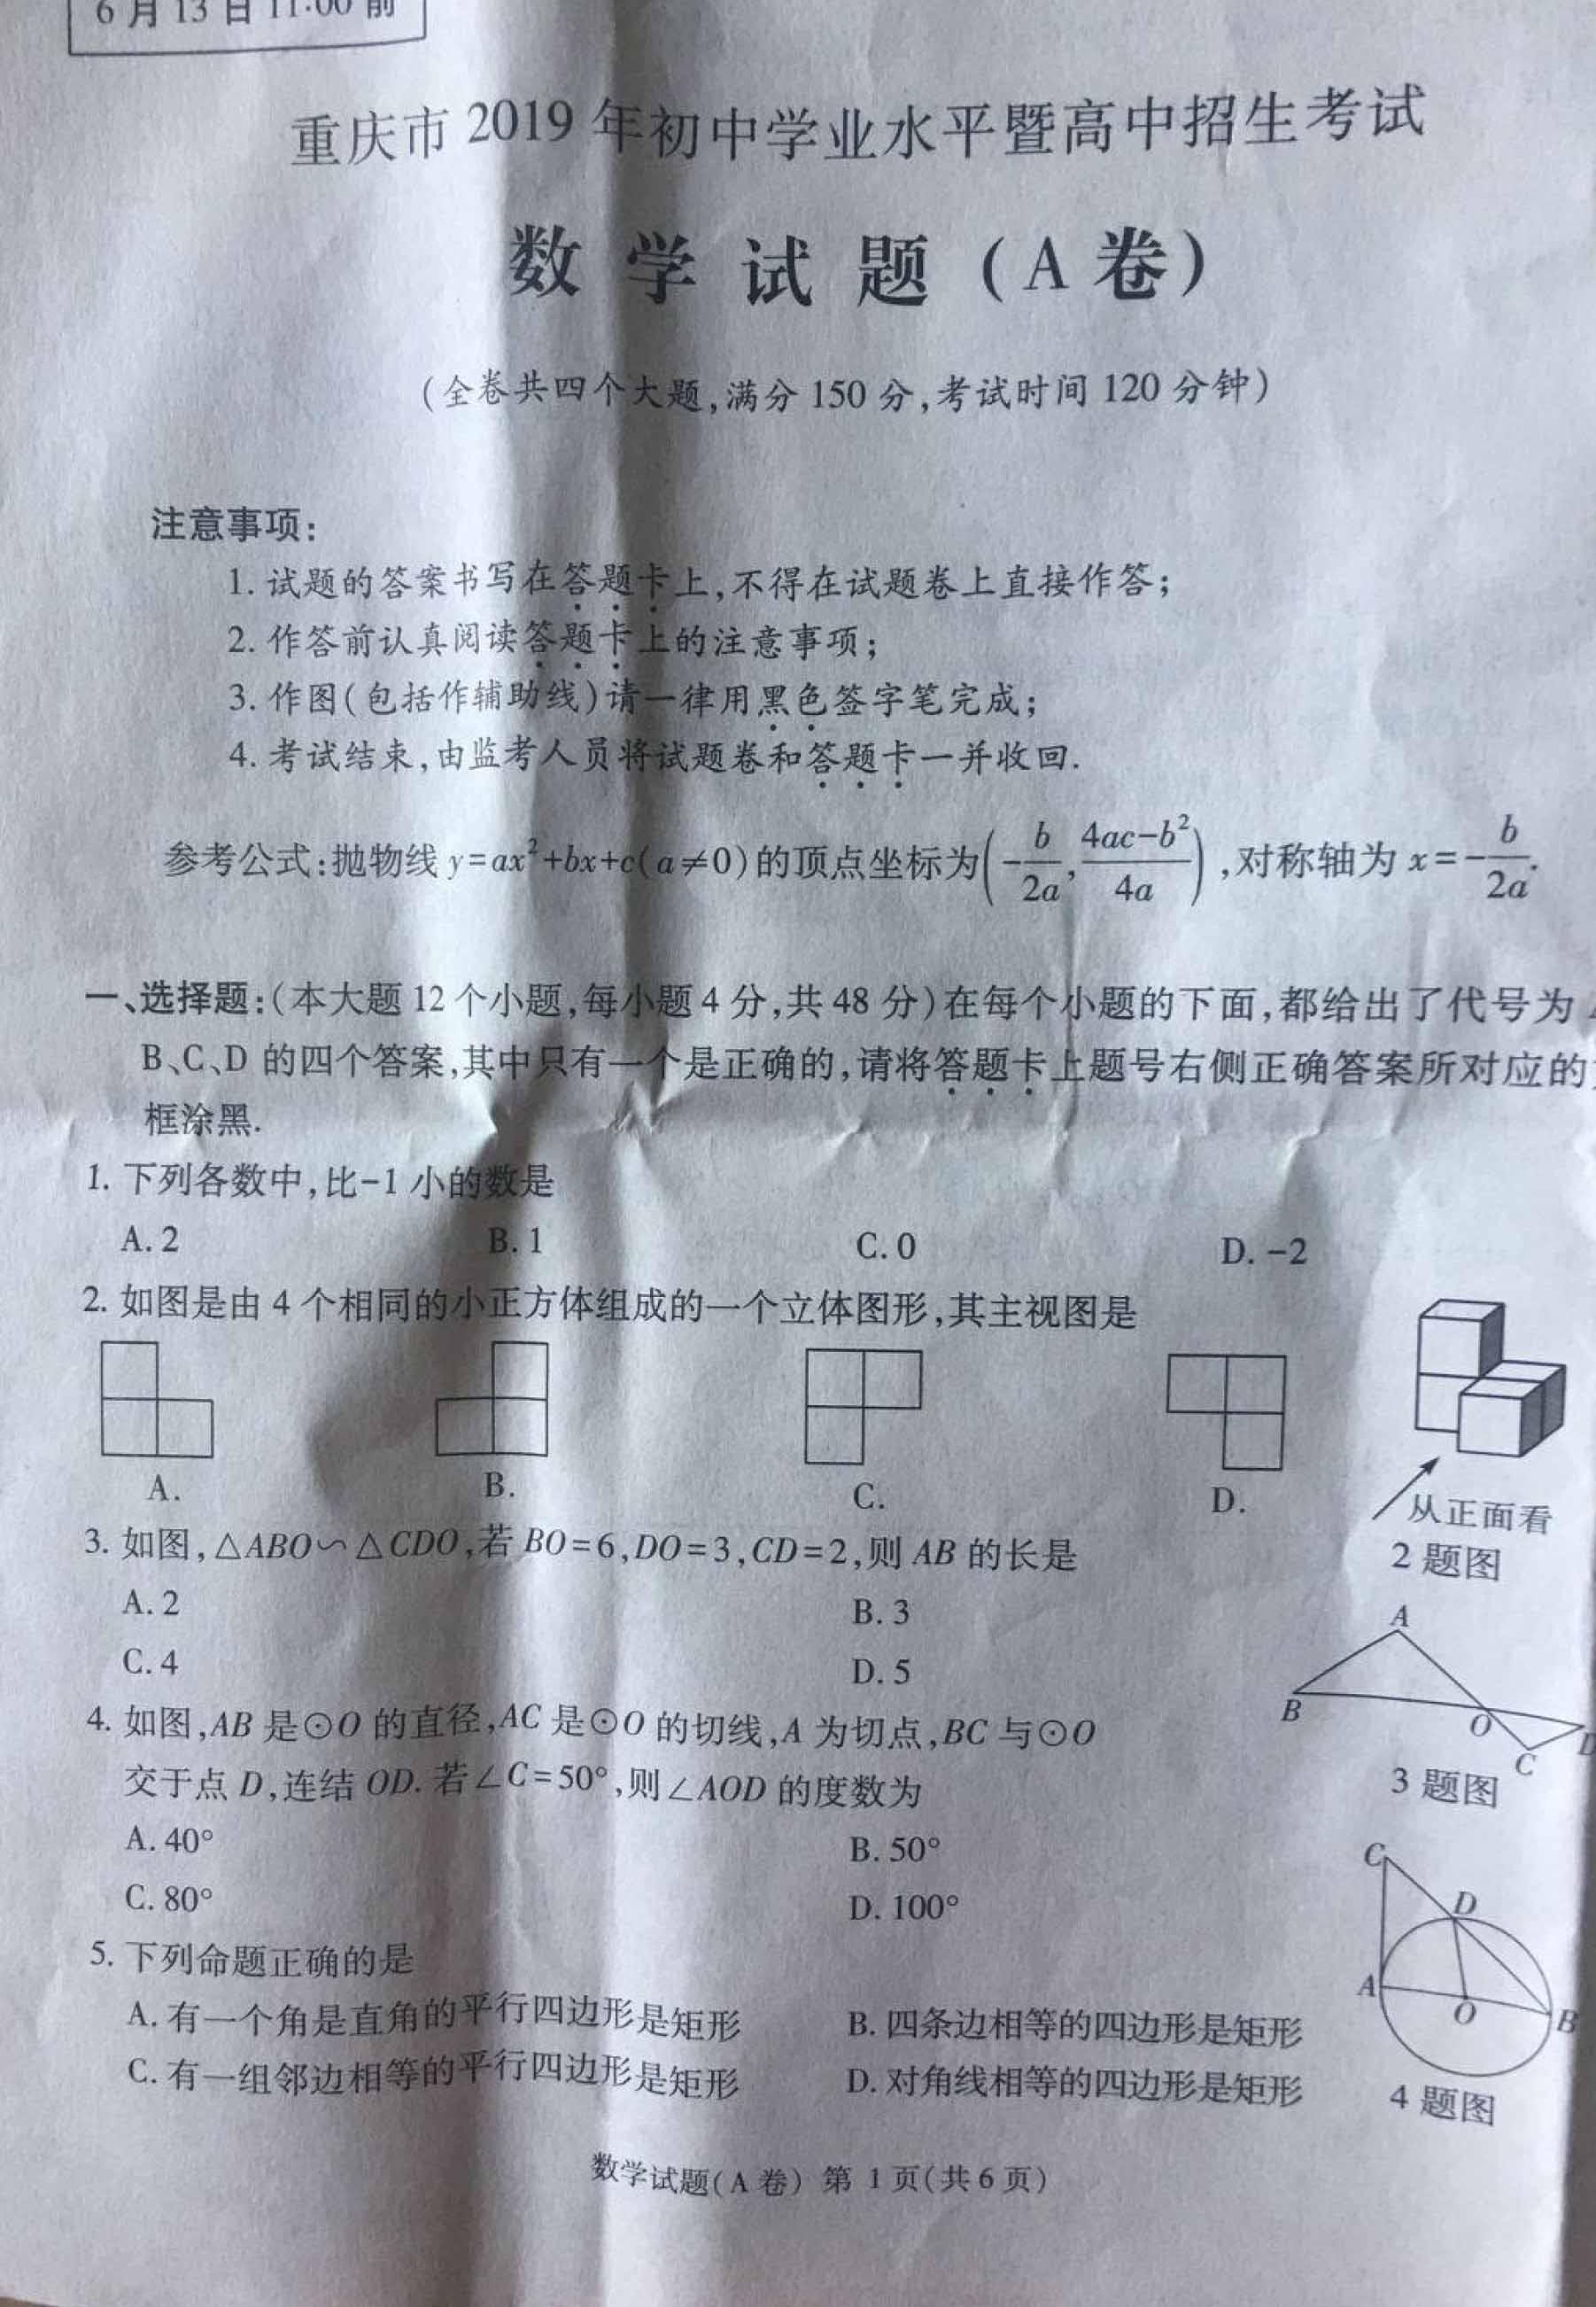 2019年重庆A卷中考数学真题及答案已公布